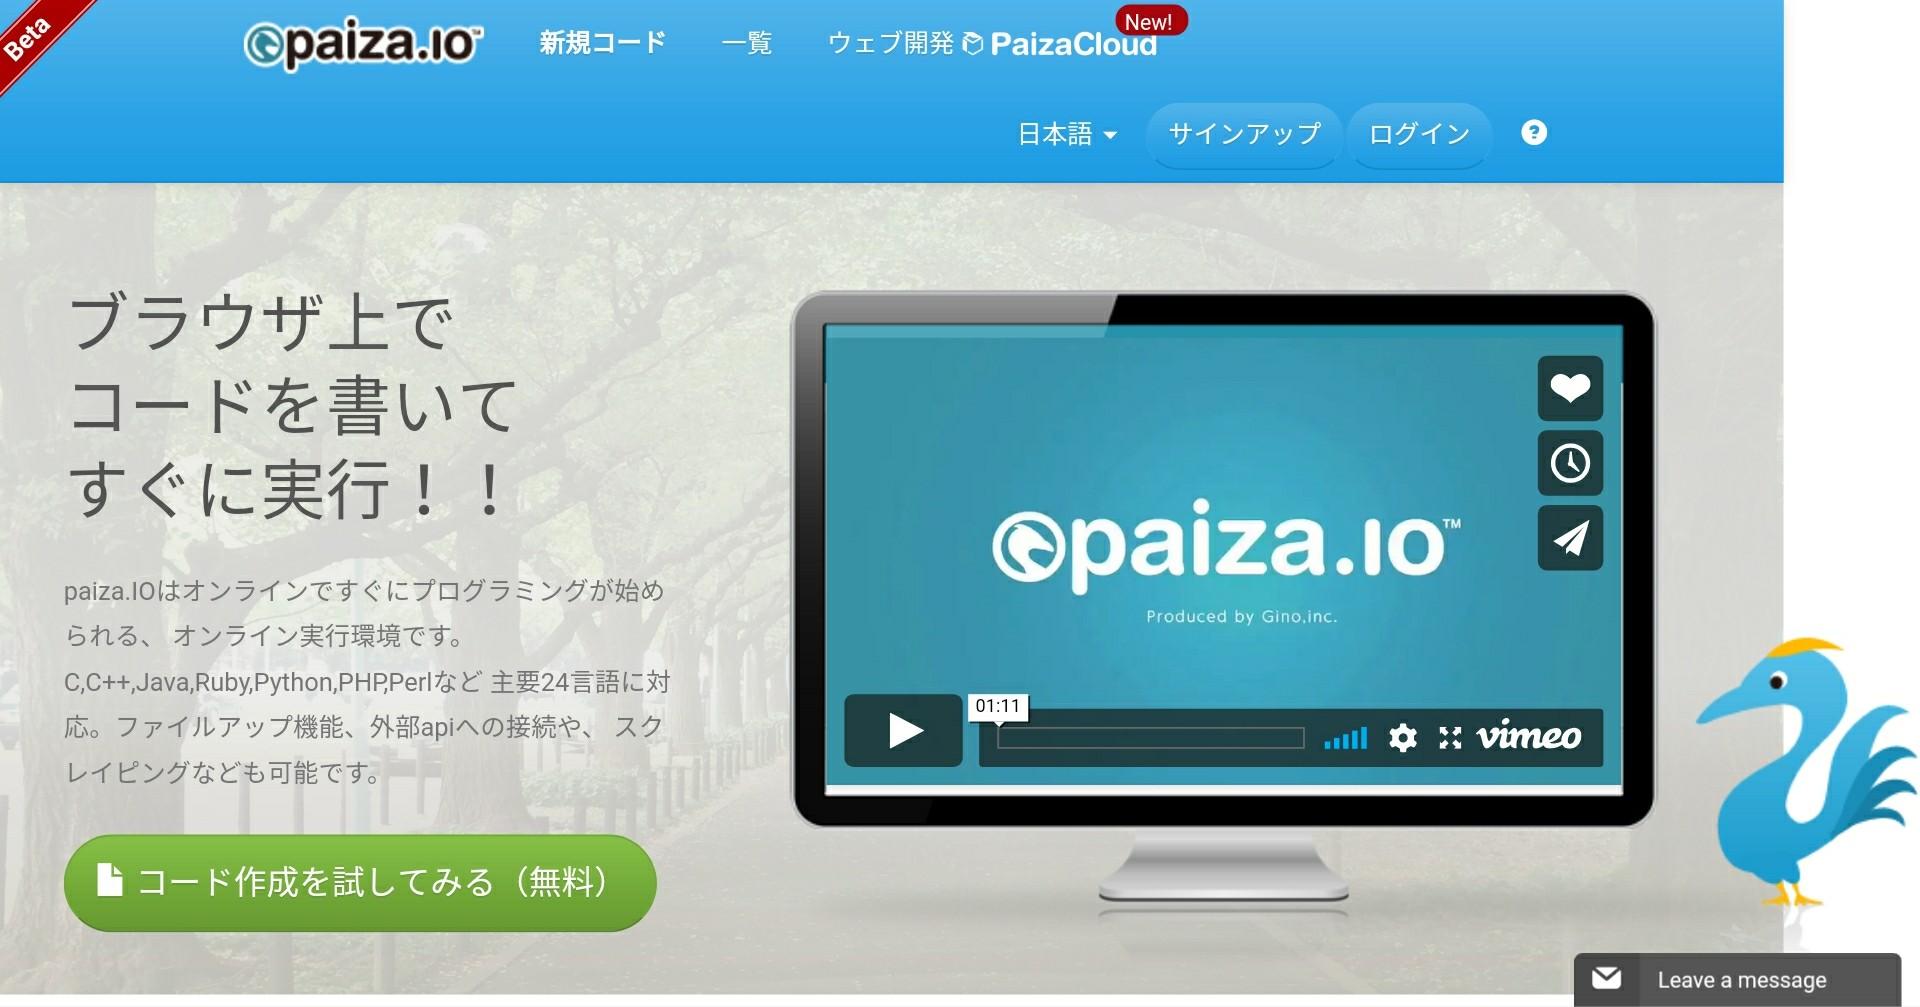 ブラウザ上でプログラミングの学習ができる「paiza」が素晴らしい